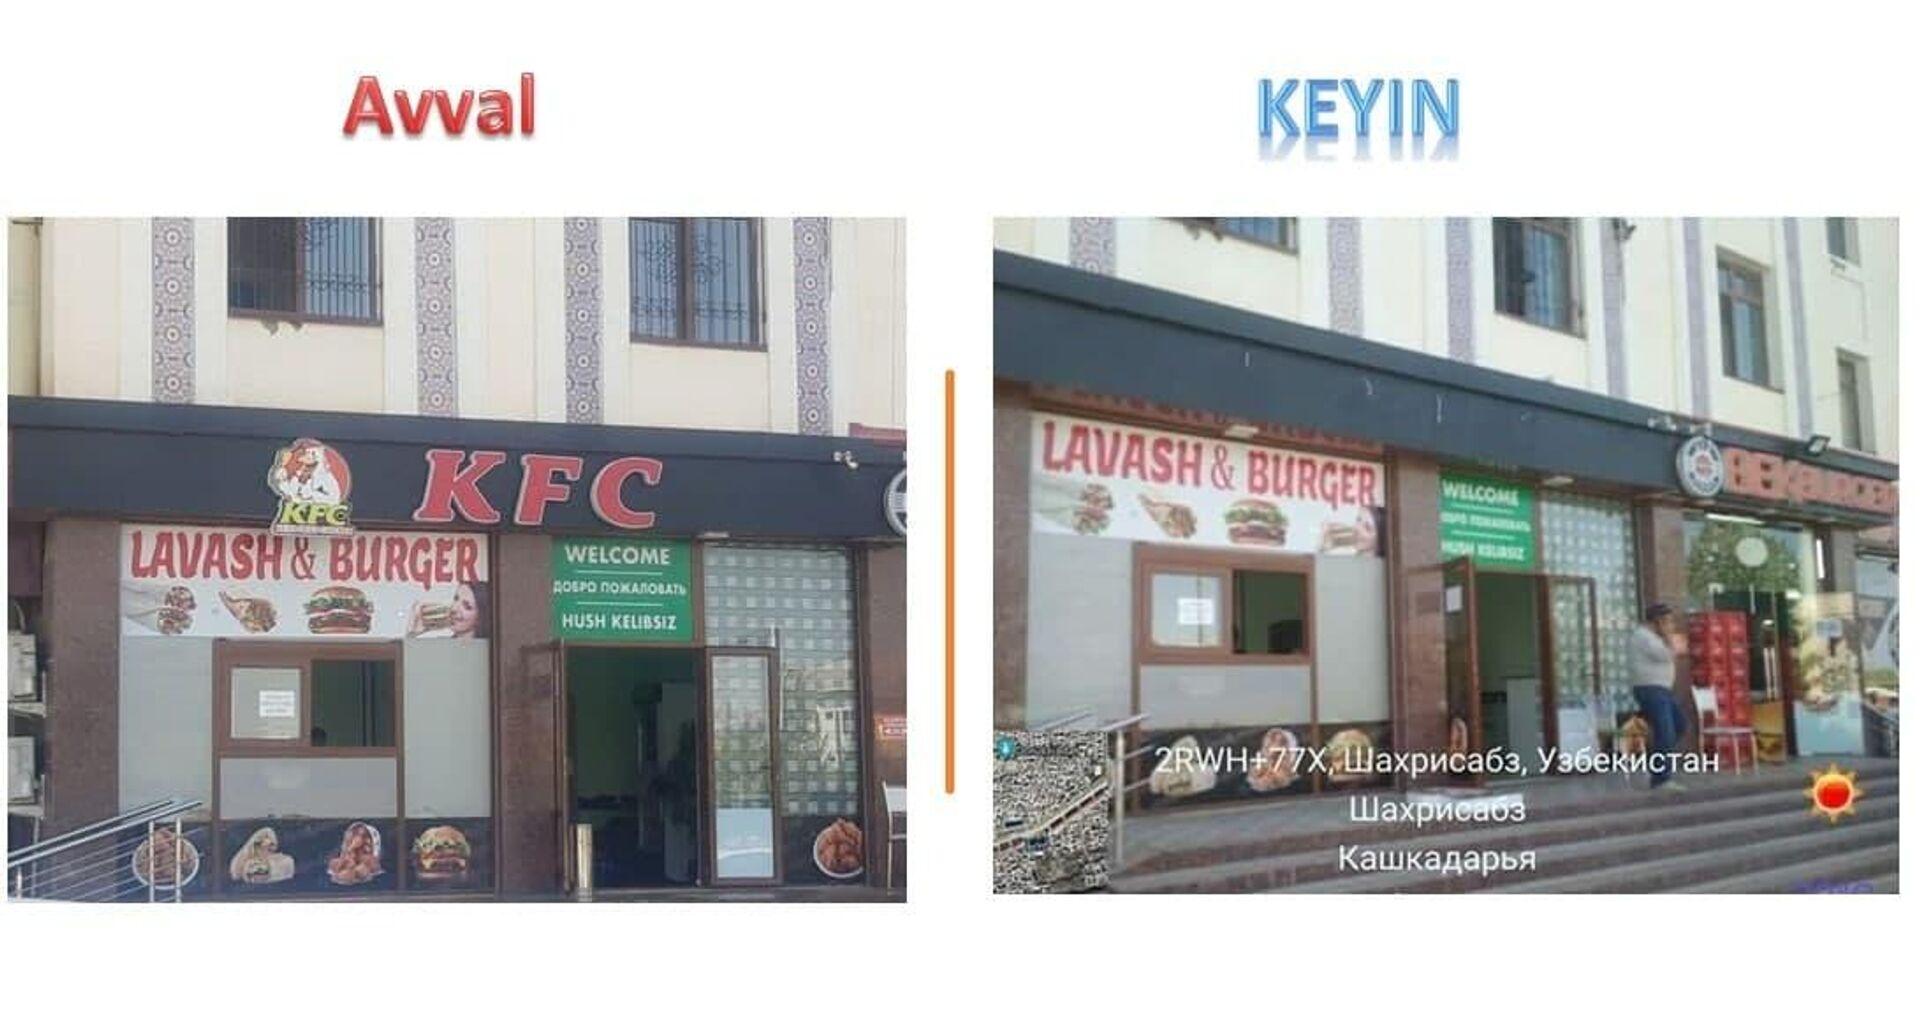 Незаконное использование логотипа KFC в Шахрисабзе  - Sputnik Узбекистан, 1920, 27.09.2021